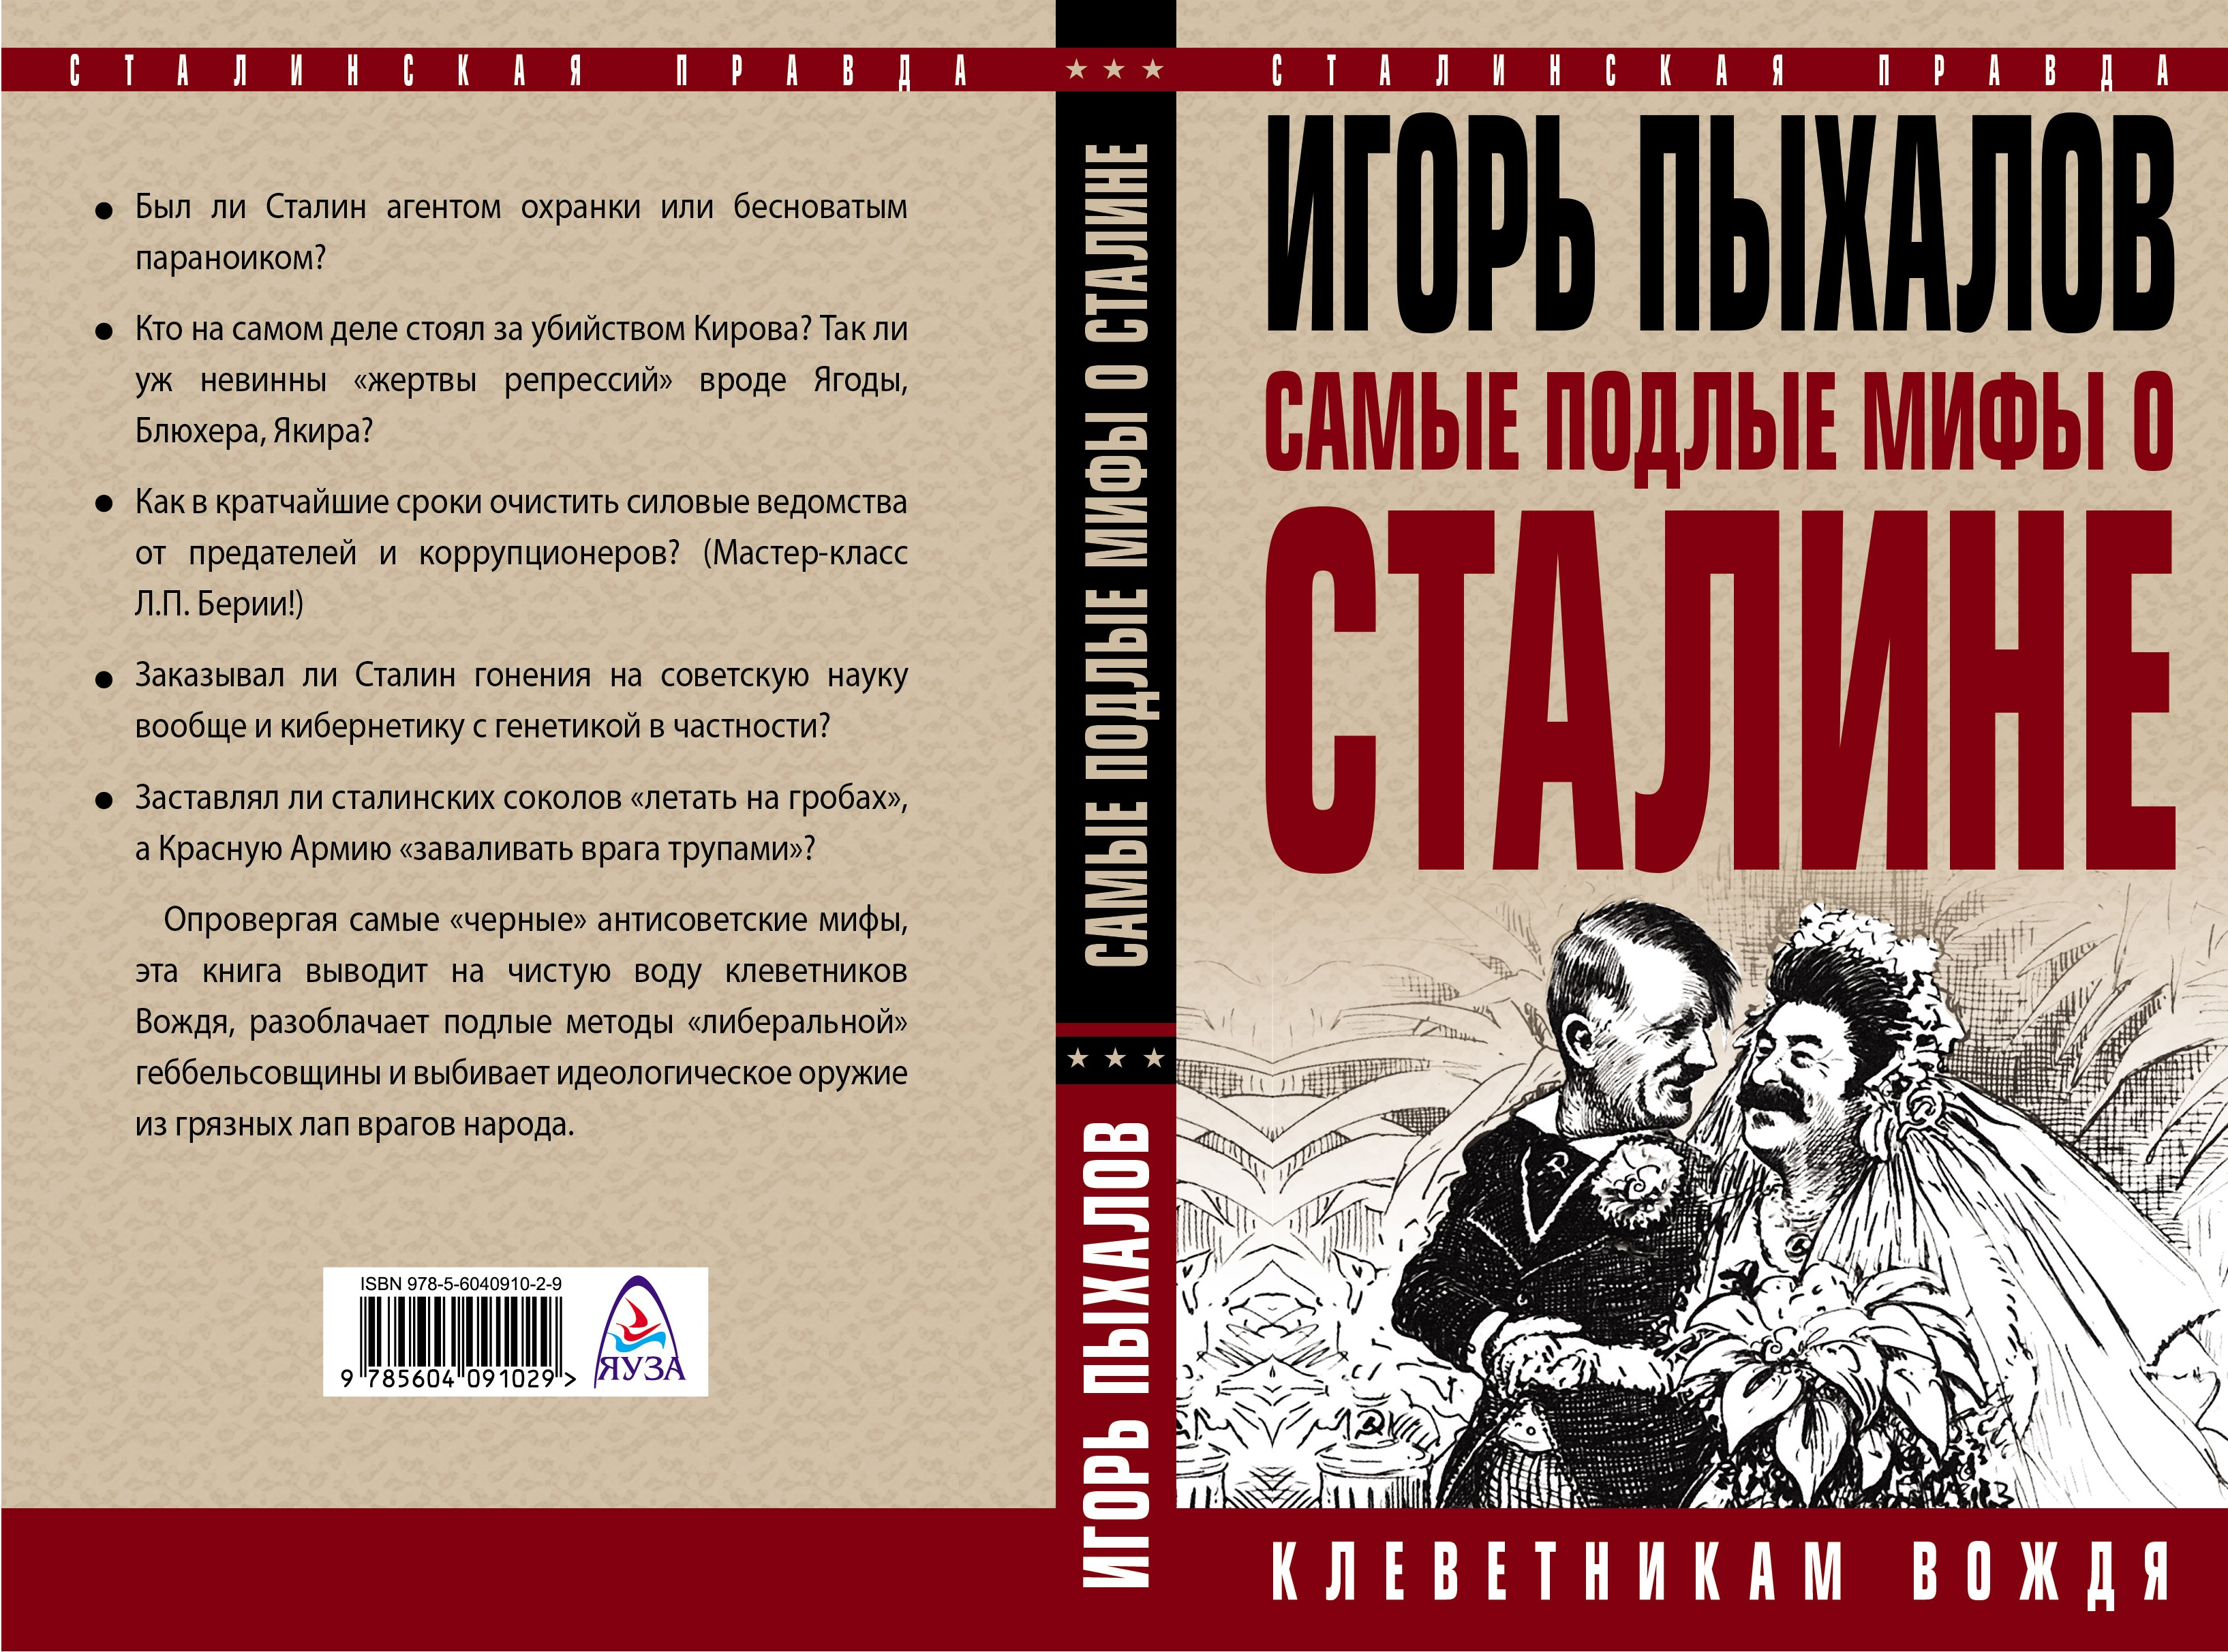 Самые подлые мифы о Сталине. Клеветникам Вождя ( Пыхалов И.  )